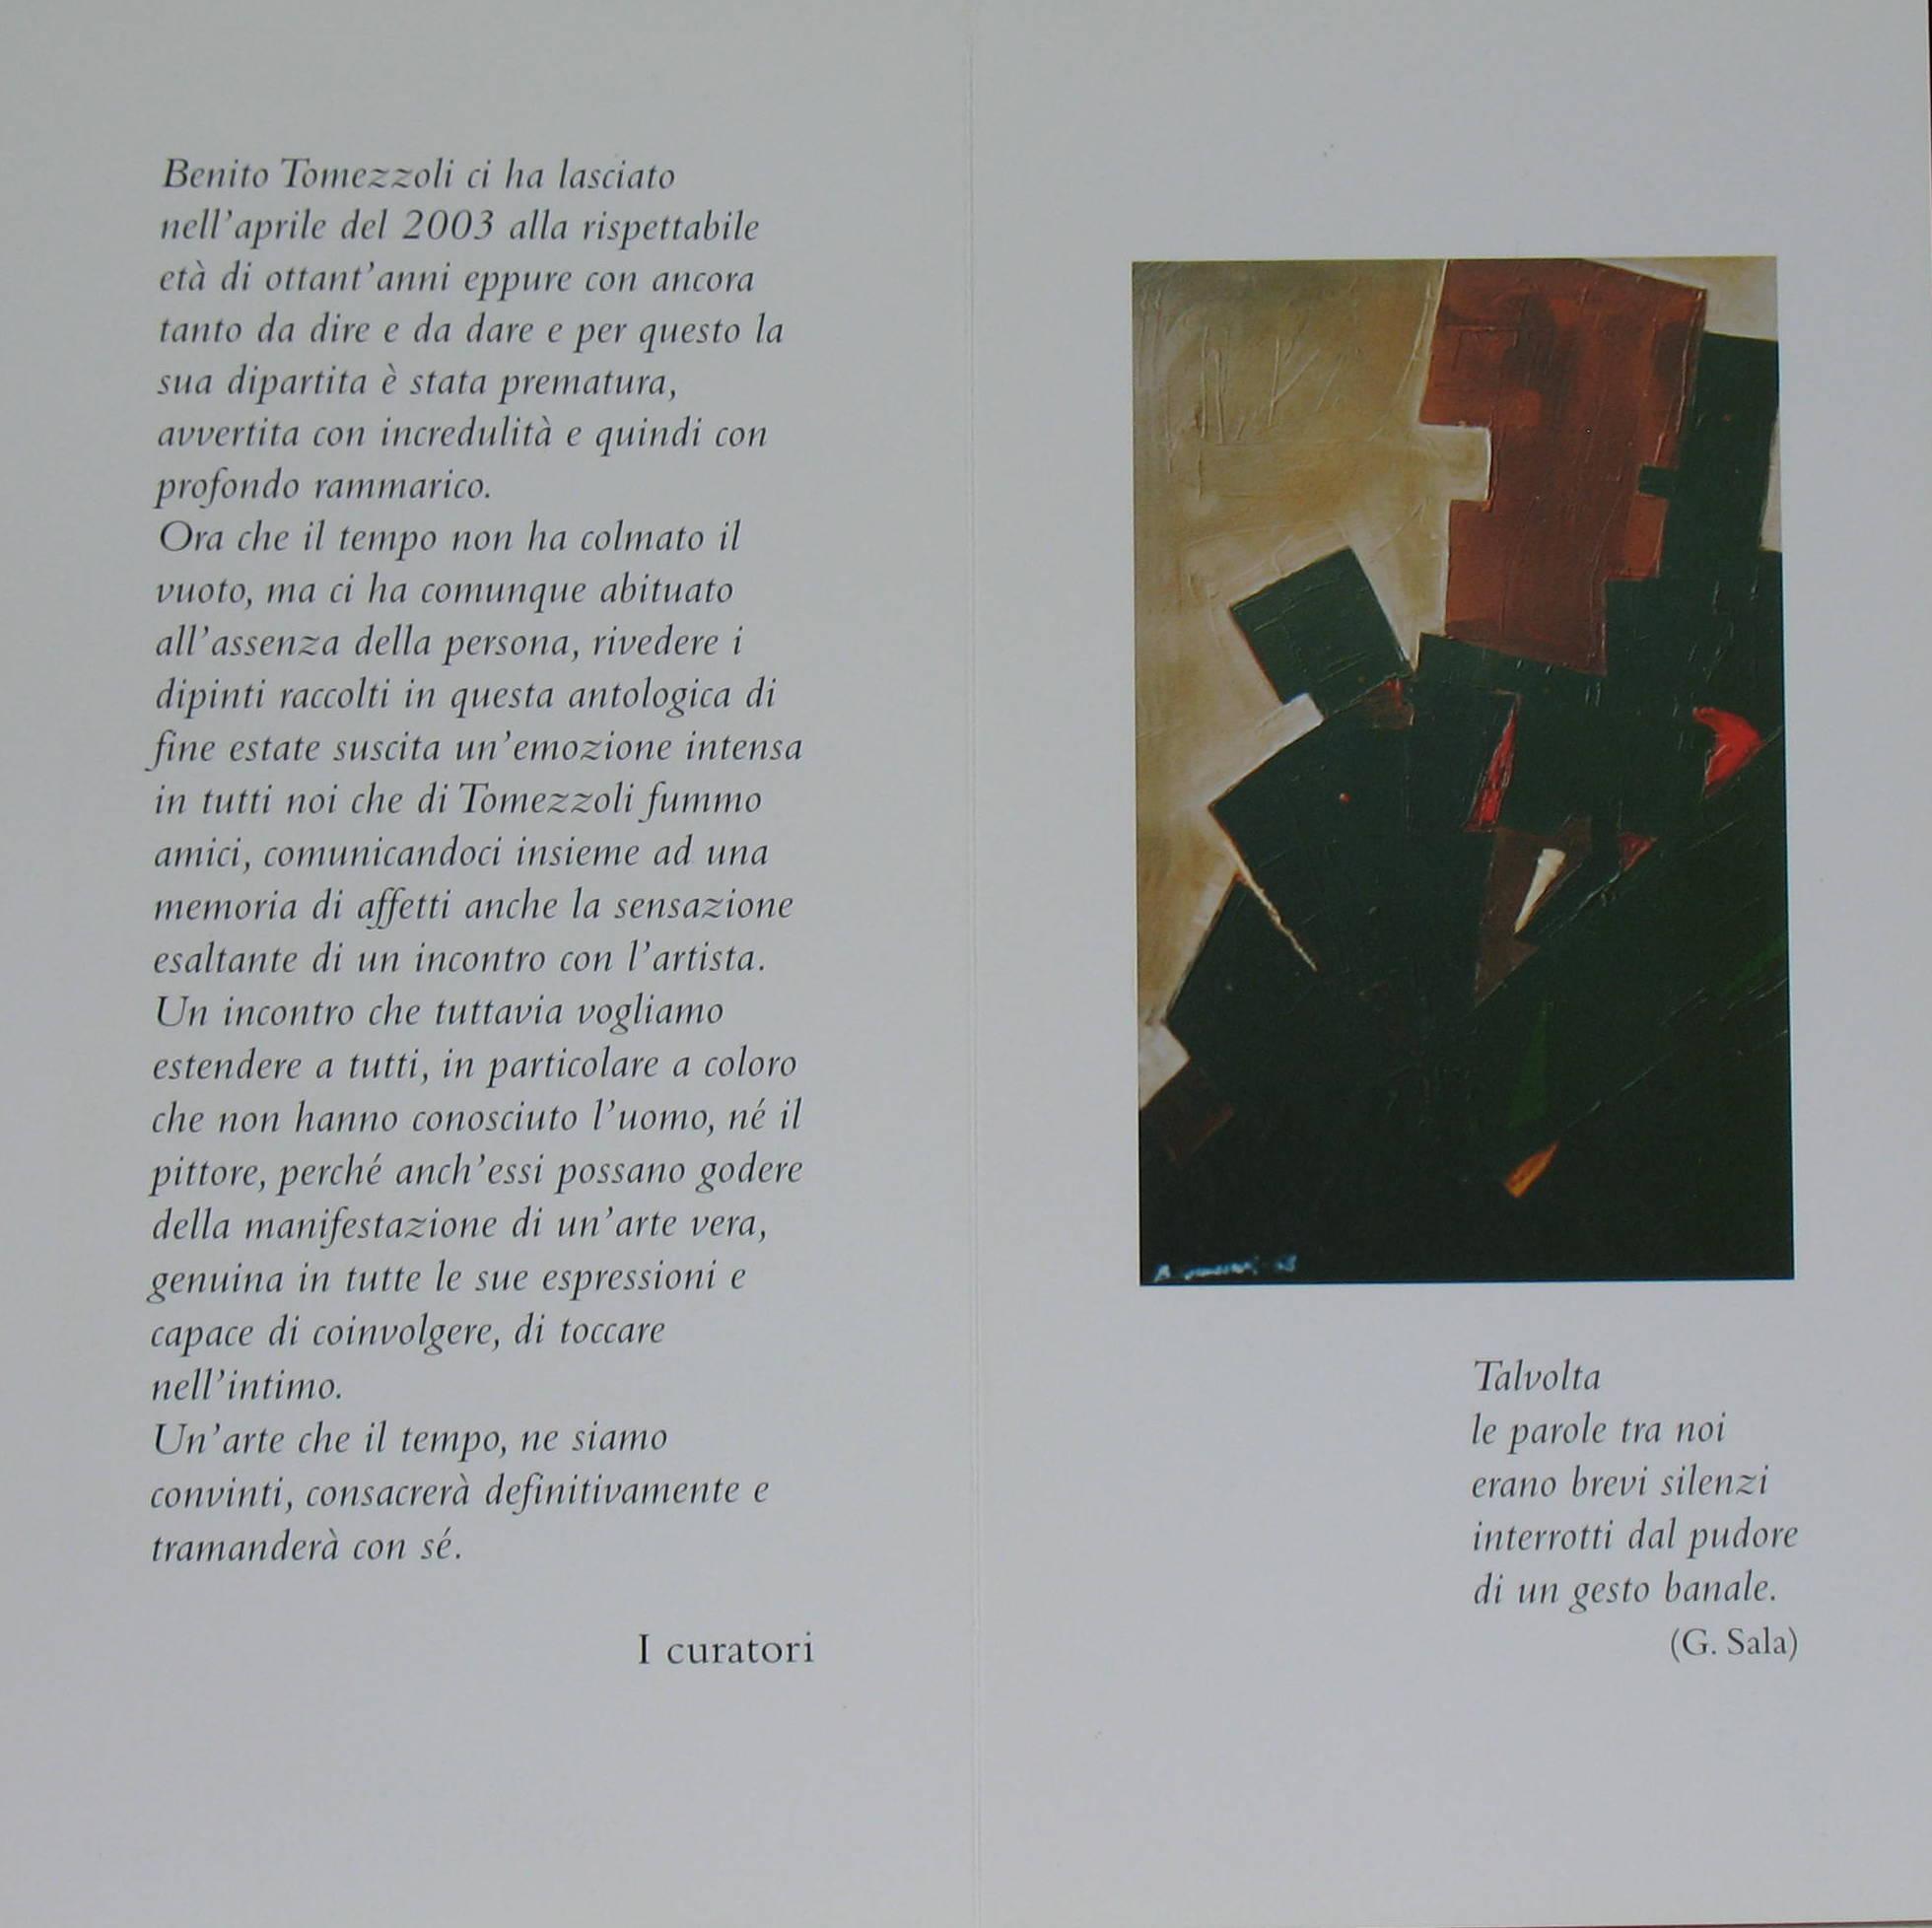 Benito Tomezzoli